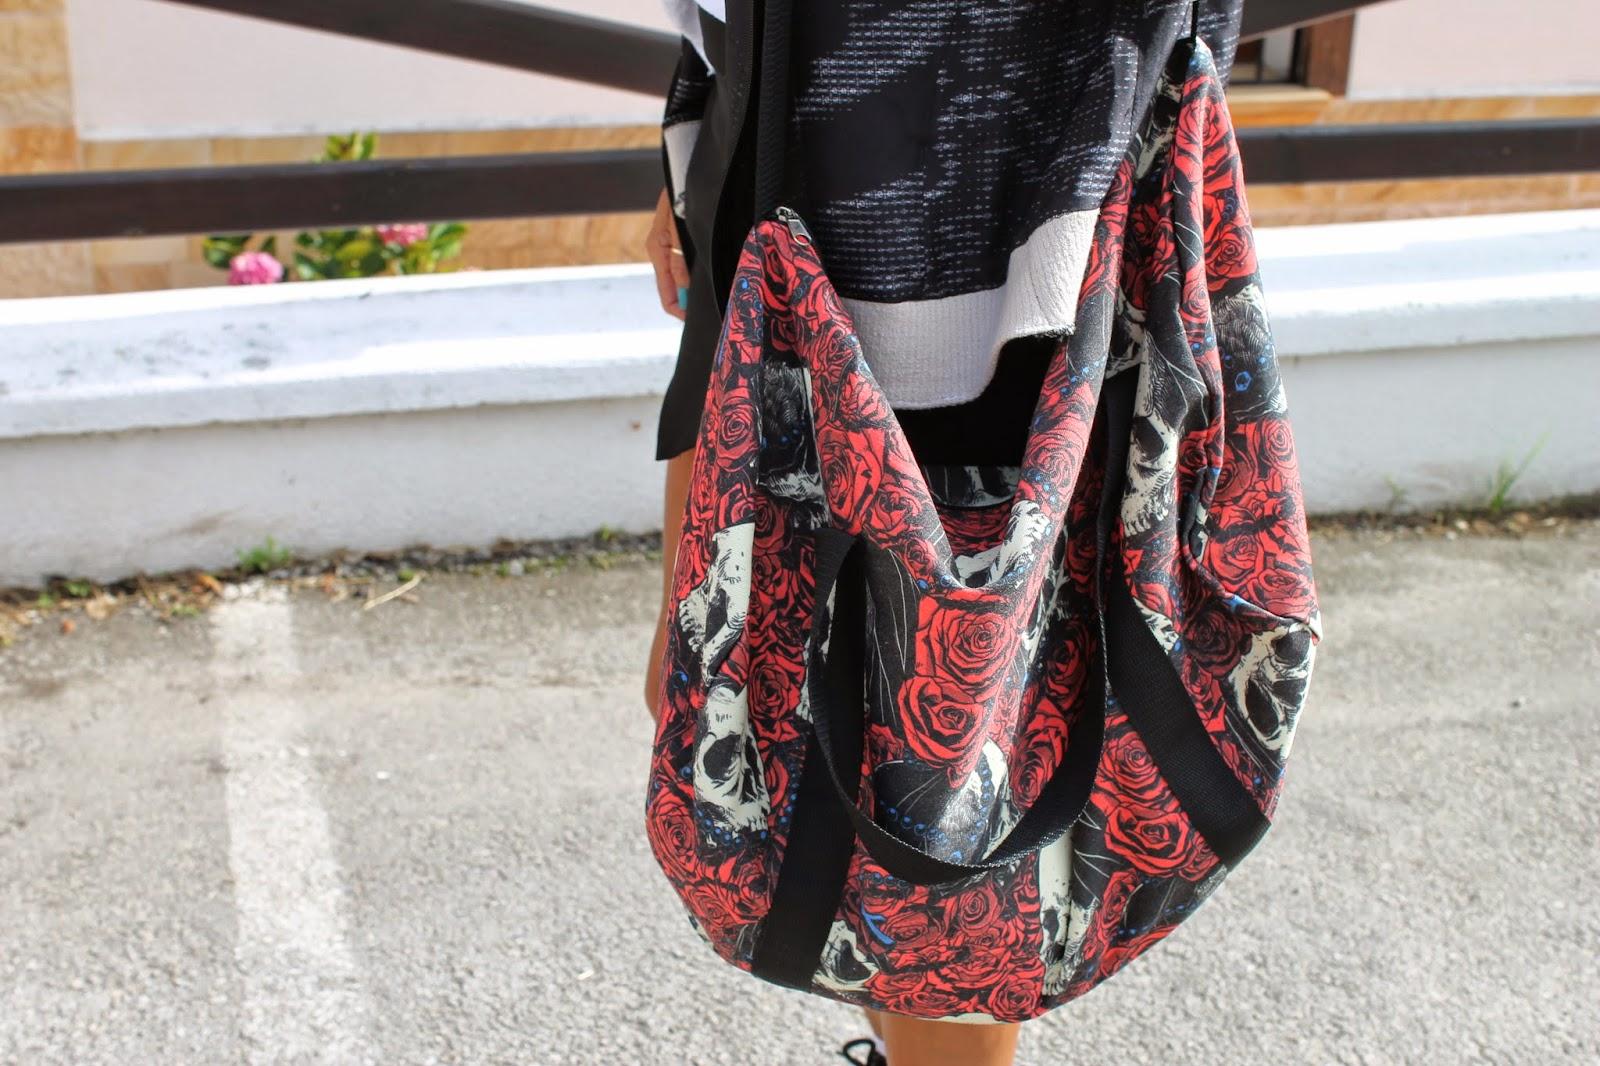 ShoppingBag, Liquor Brand, Marvelous Gijón, Dr. Martens, Boots, look, street style, fashion style, Carmen Hummer, Blog de Moda, Skull